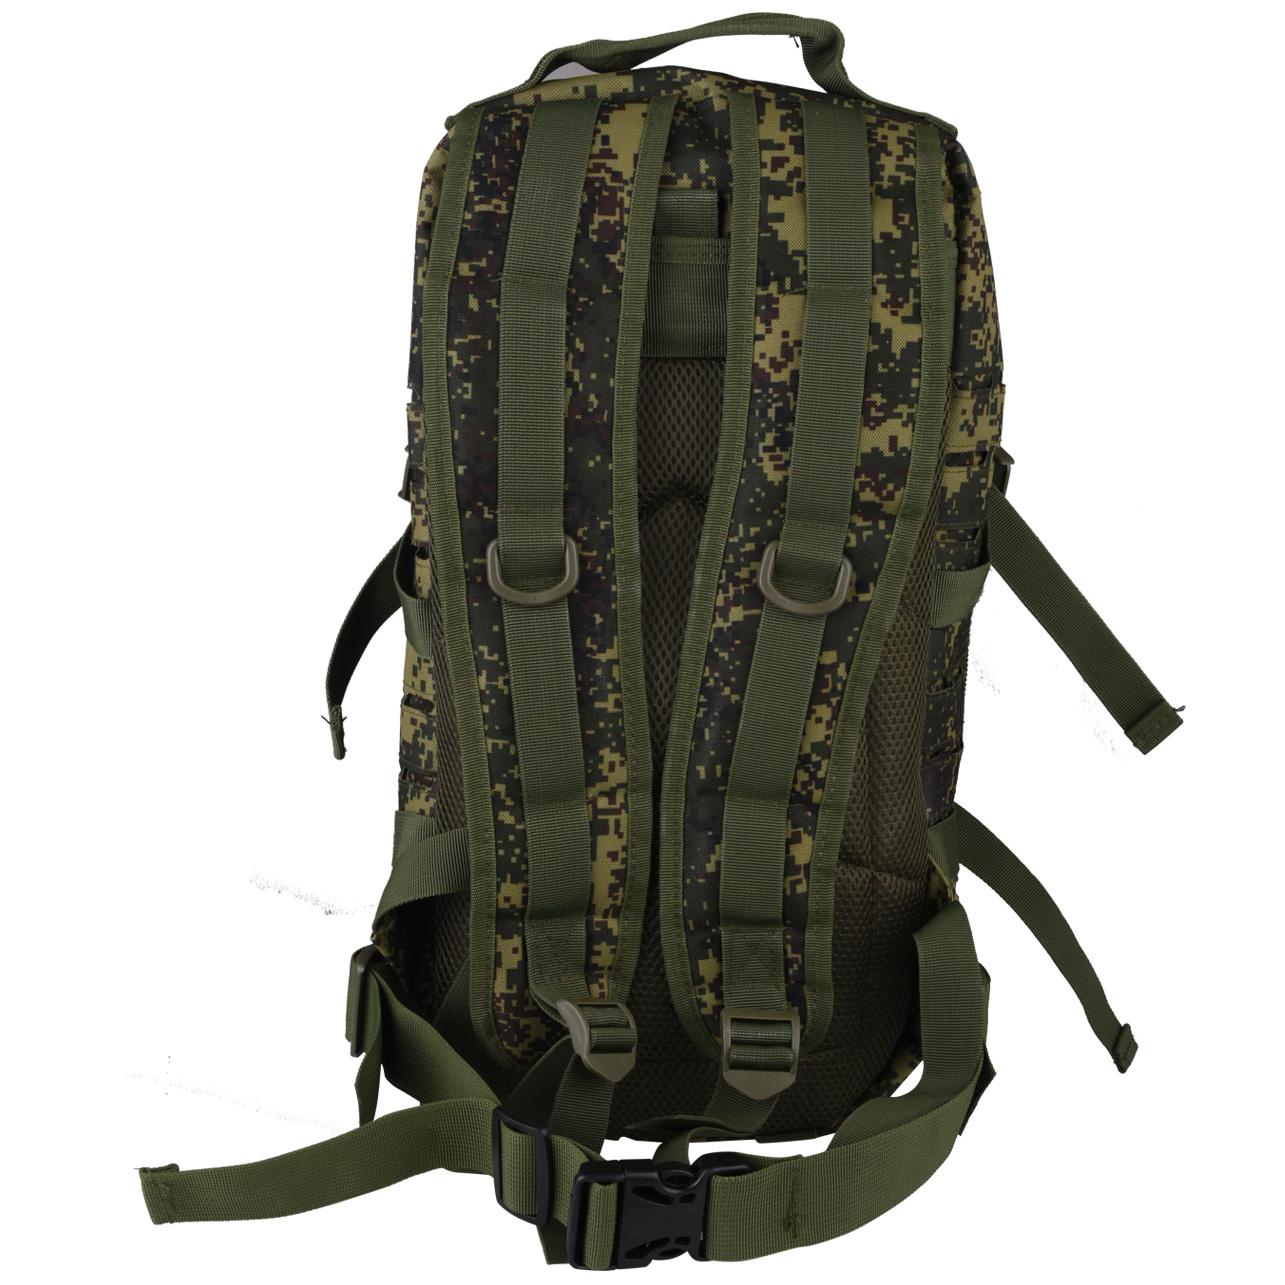 Штурмовой военный рюкзак с нашивкой ВМФ - купить в подарок